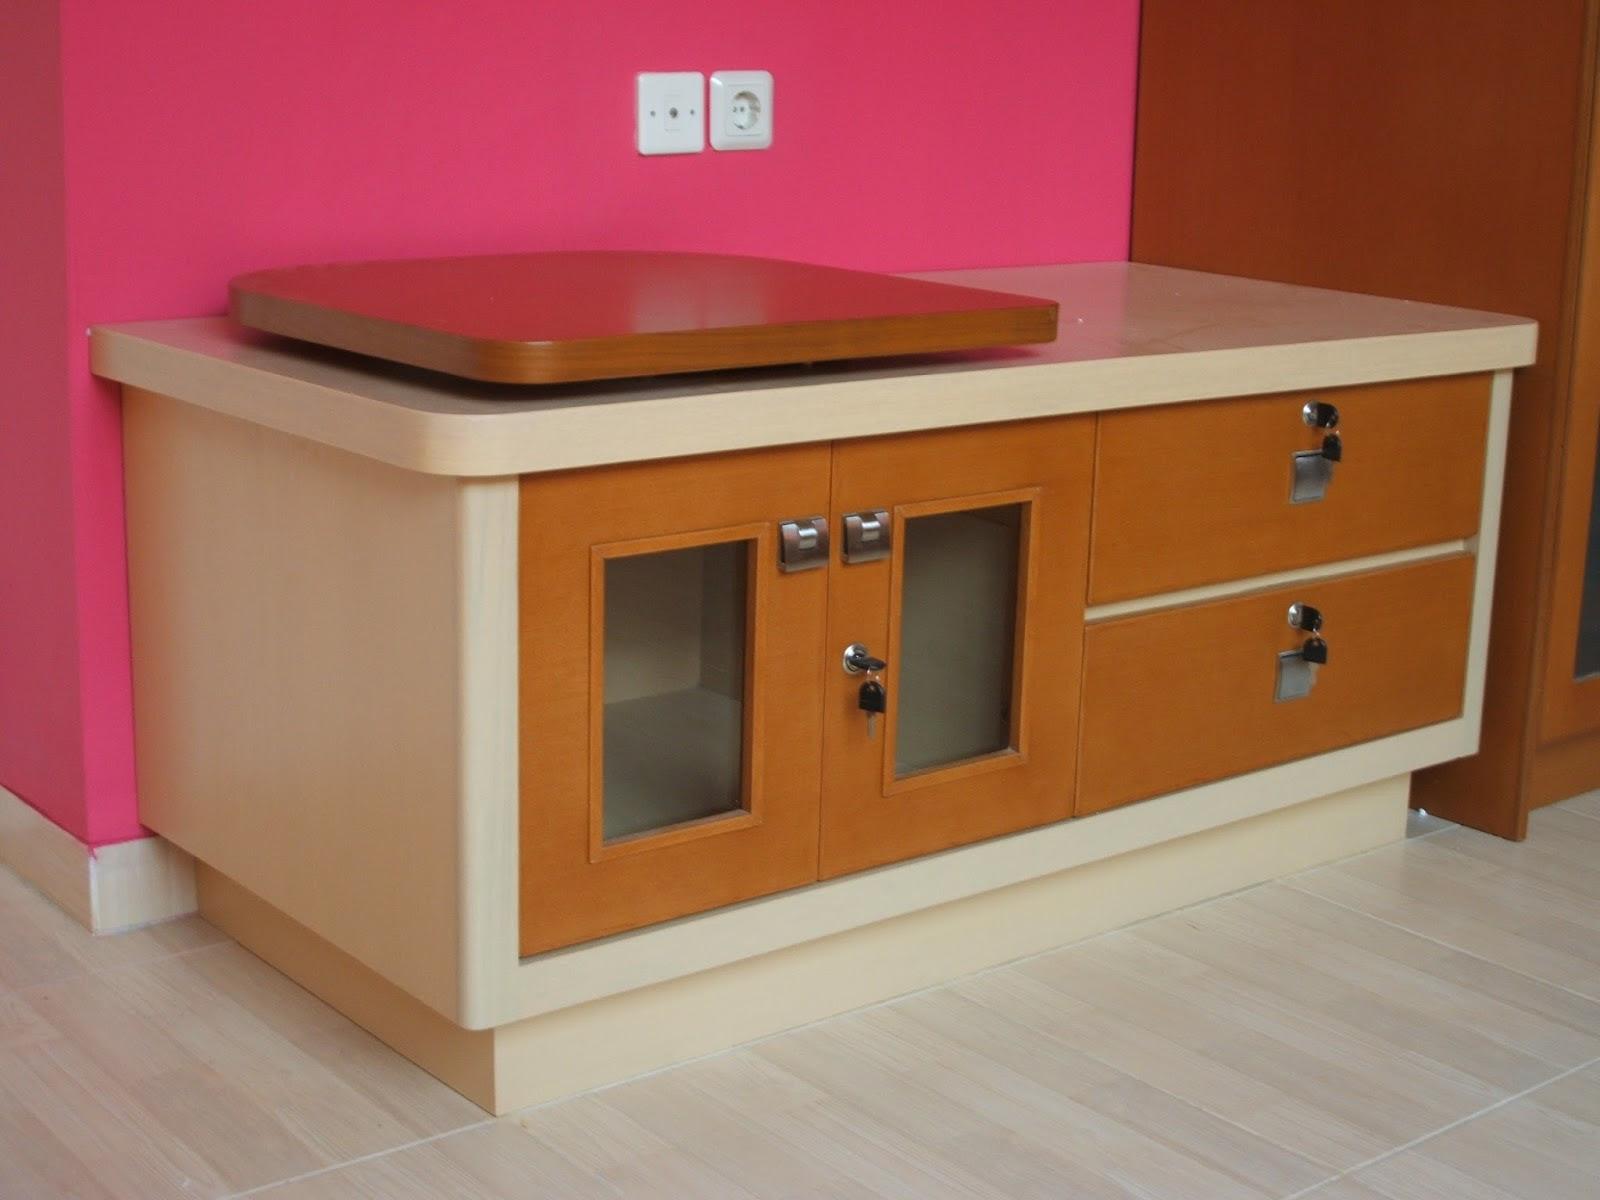 Beberapa Contoh Furniture Yang Cocok Untuk Rumah Minimalis Blog